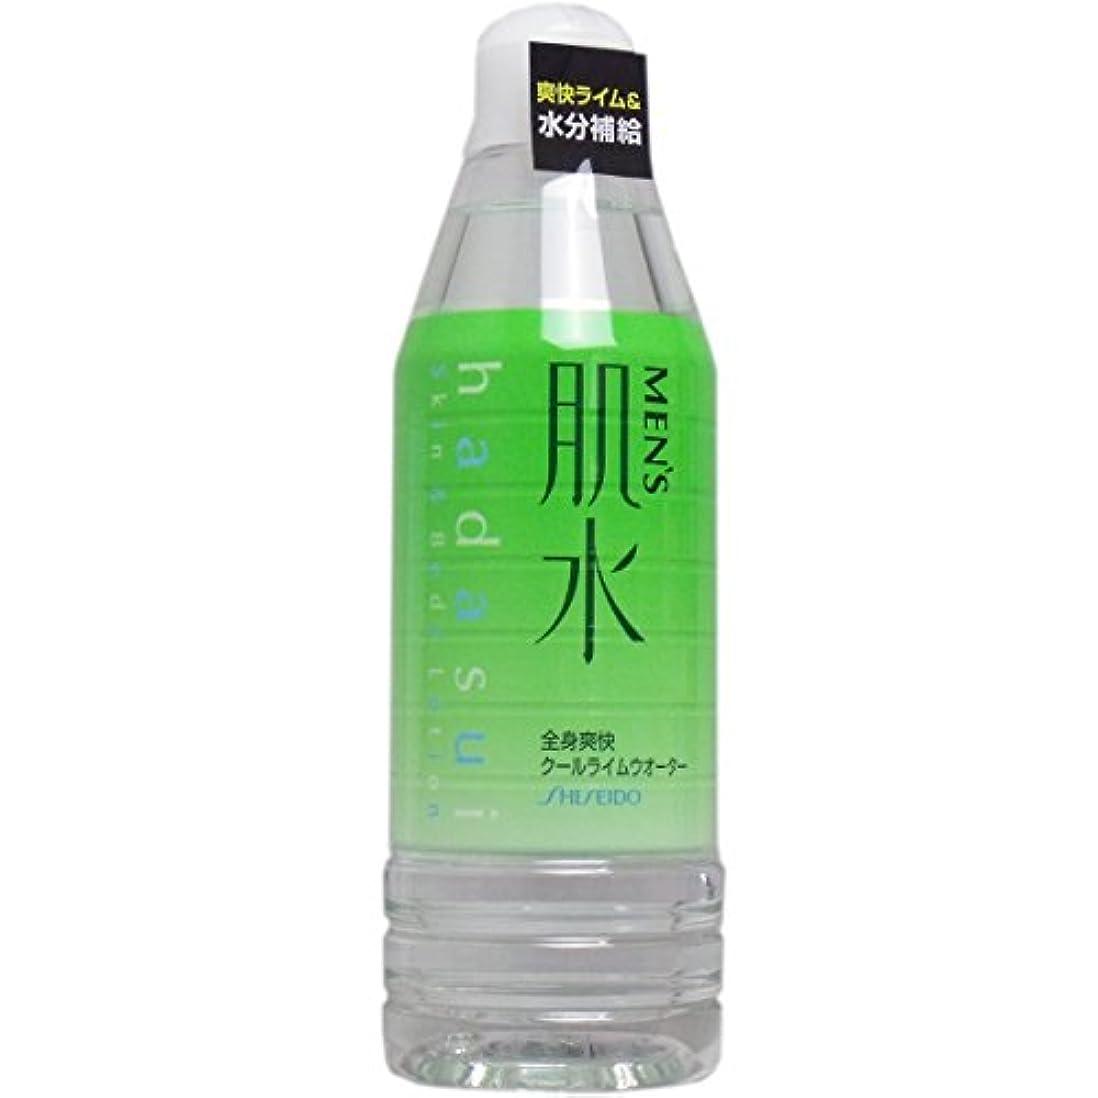 司令官防止アテンダントメンズ肌水 ボトルタイプ 400ml